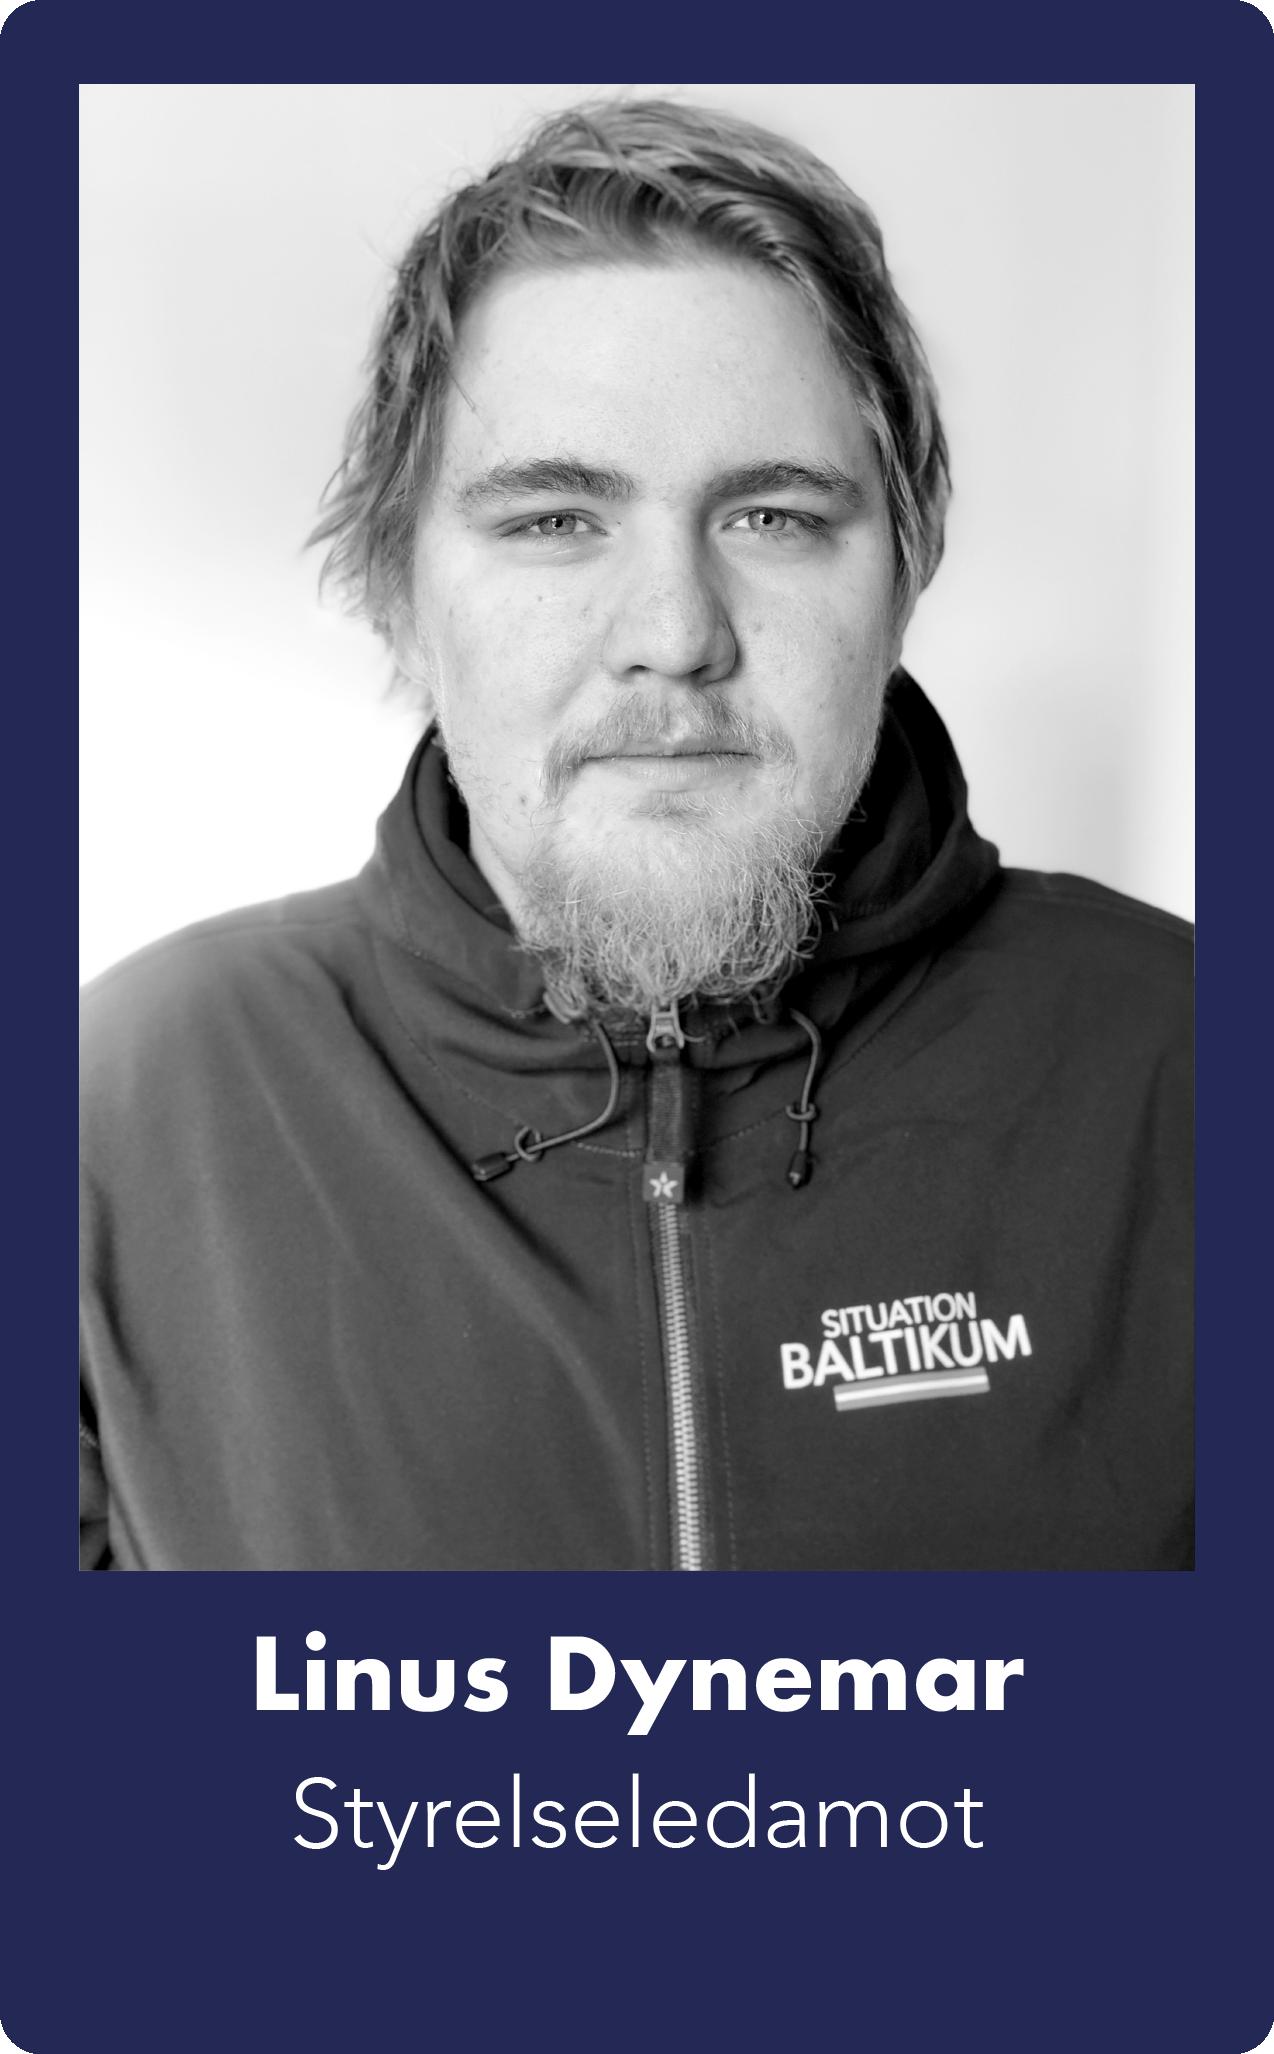 Linus_Dynemar_styrelseledamot.png